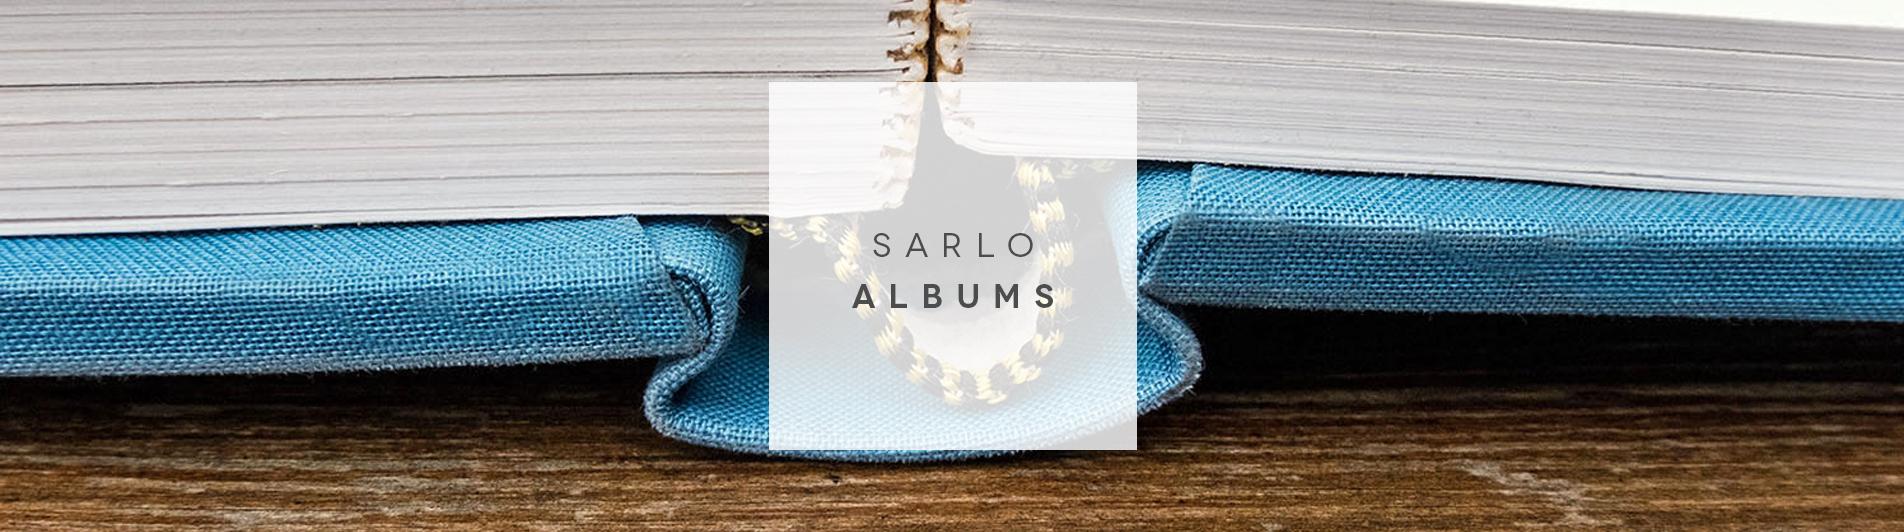 Tony Sarlo Wedding Albums